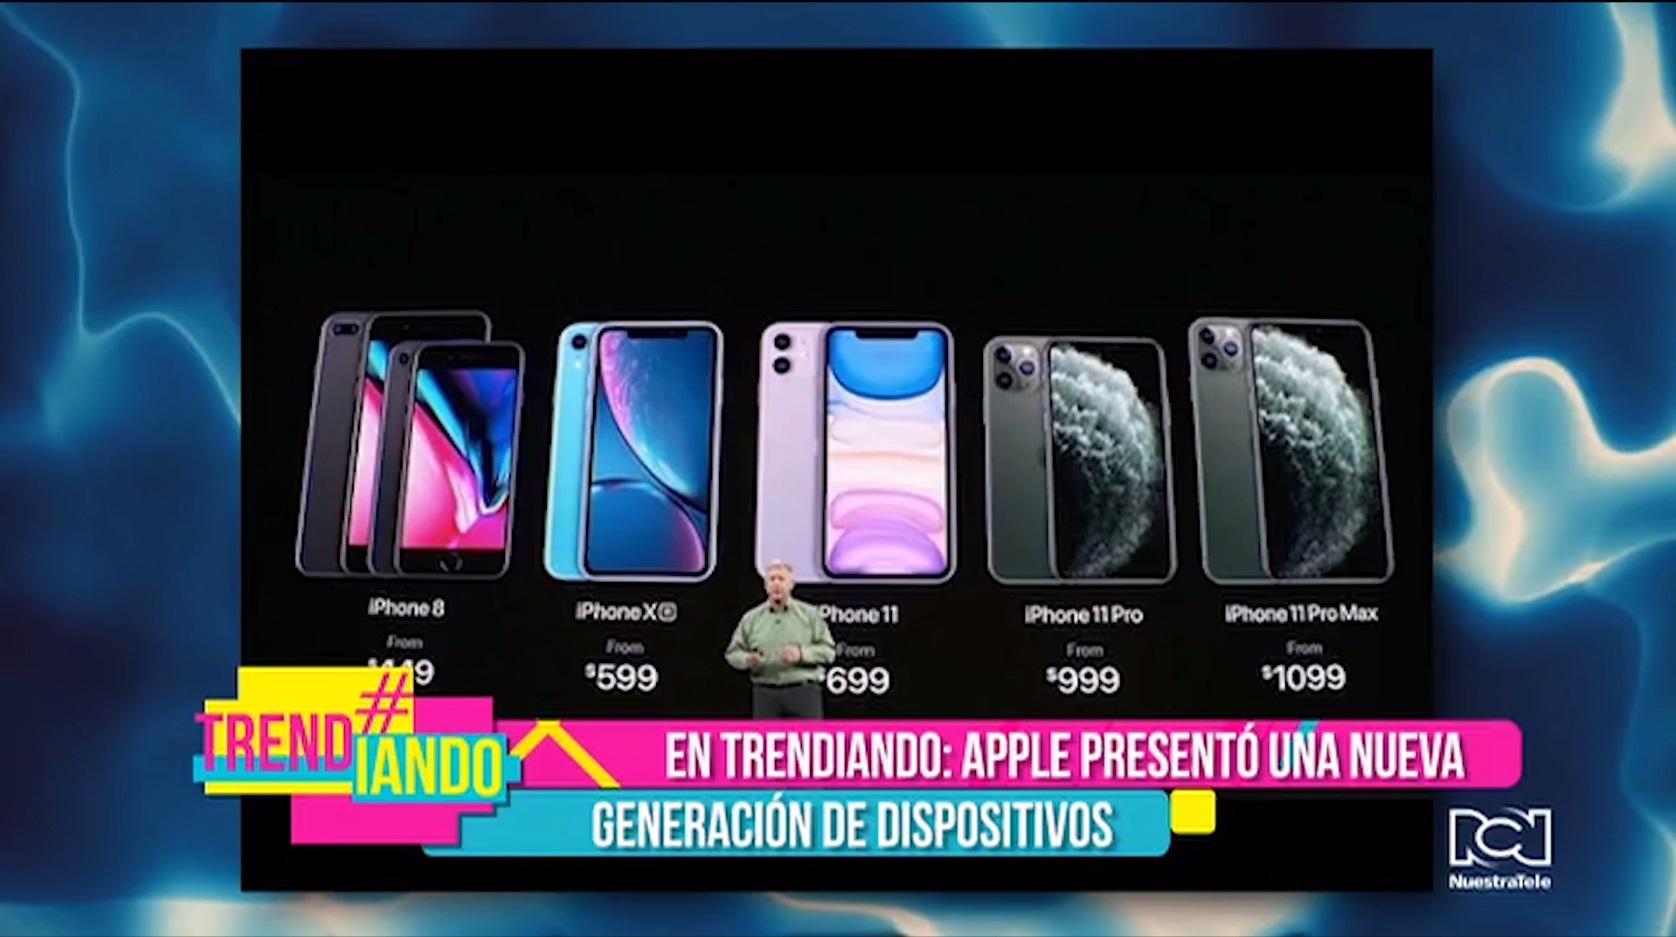 Apple presentó su nueva generación de dispositivos móviles con el iPhone 11